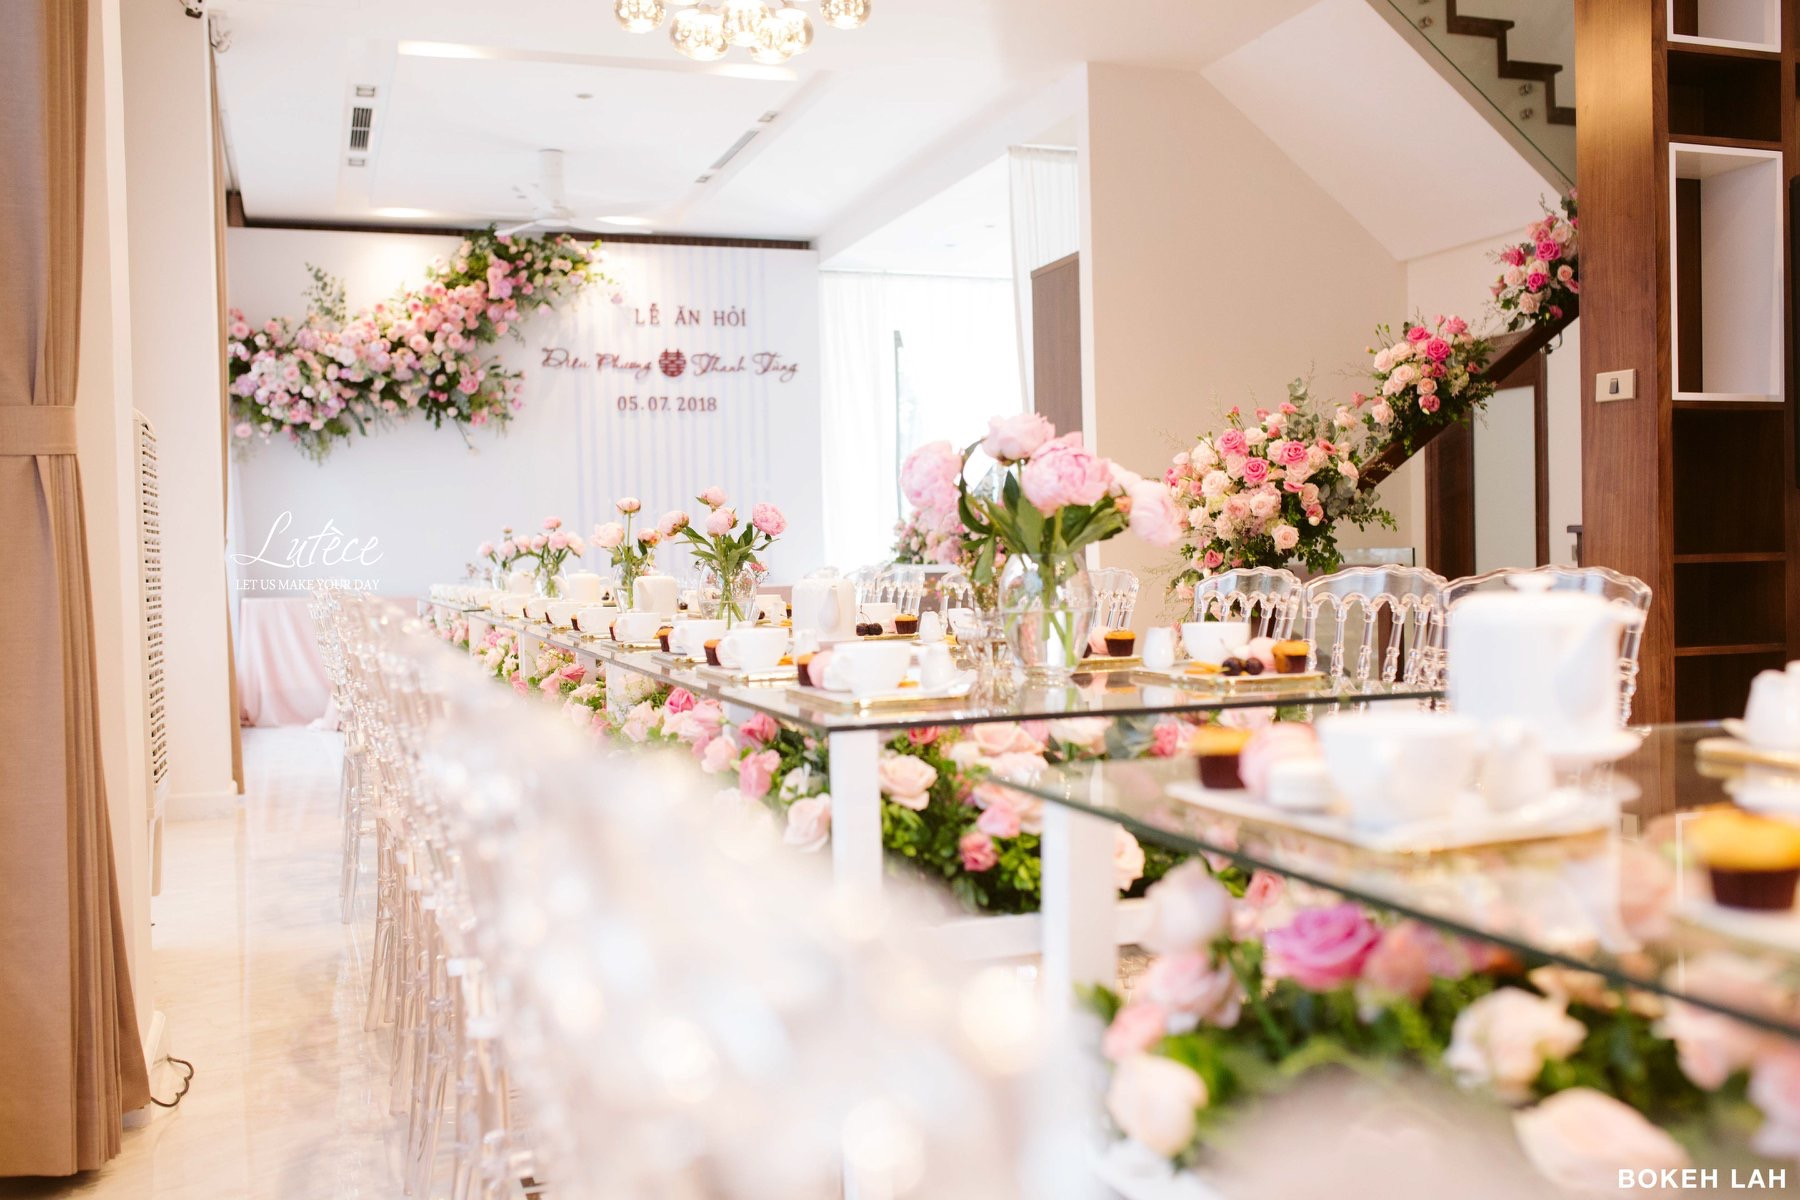 Cách trang trí tiệc cưới ngoài trời Hà Nội với những vật dụng đơn giản mà độc đáo